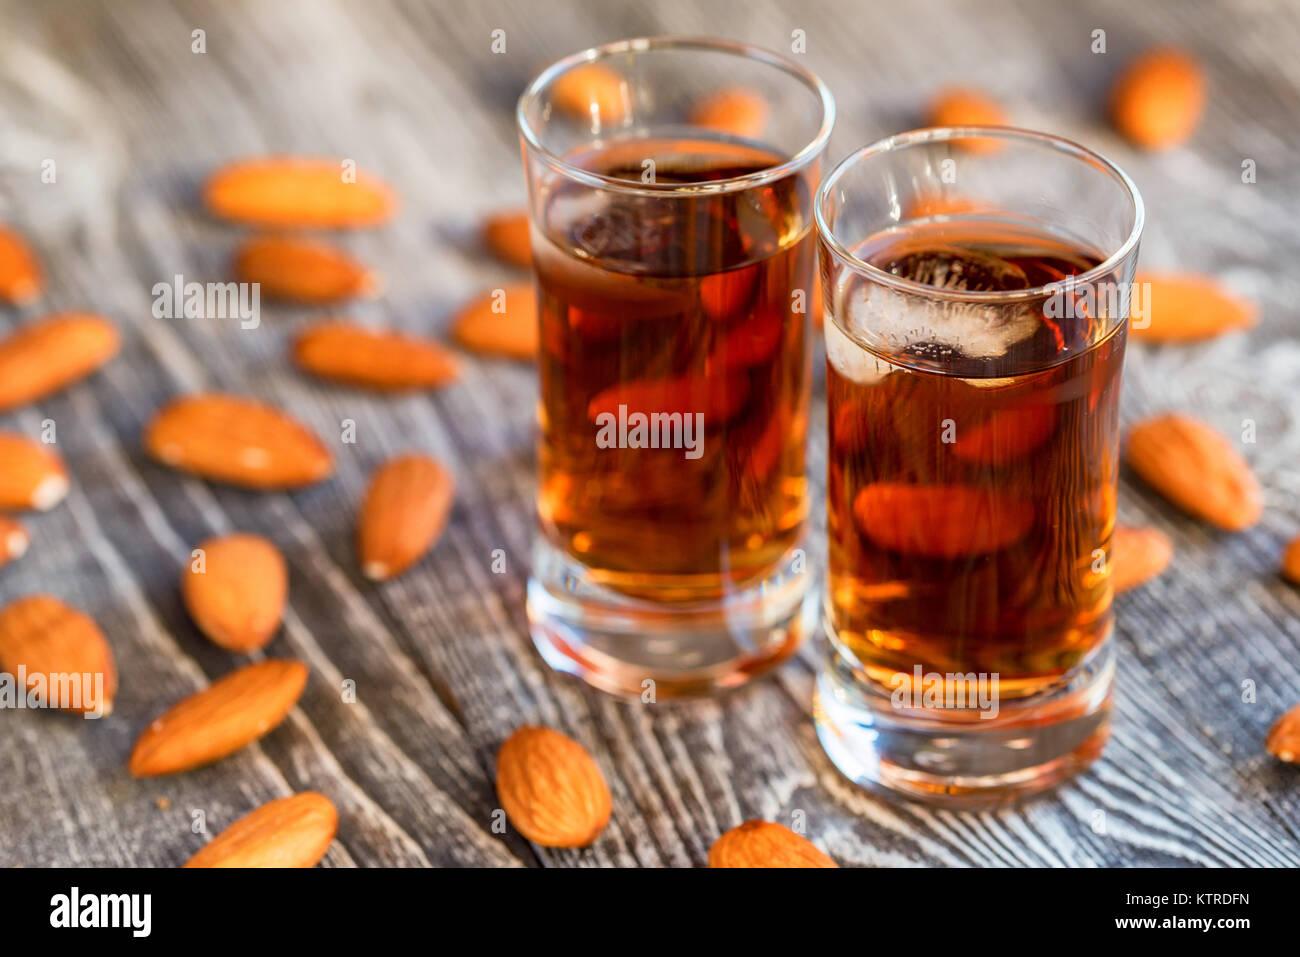 L'Italien amaretto liqueur aux amandes à sec Banque D'Images